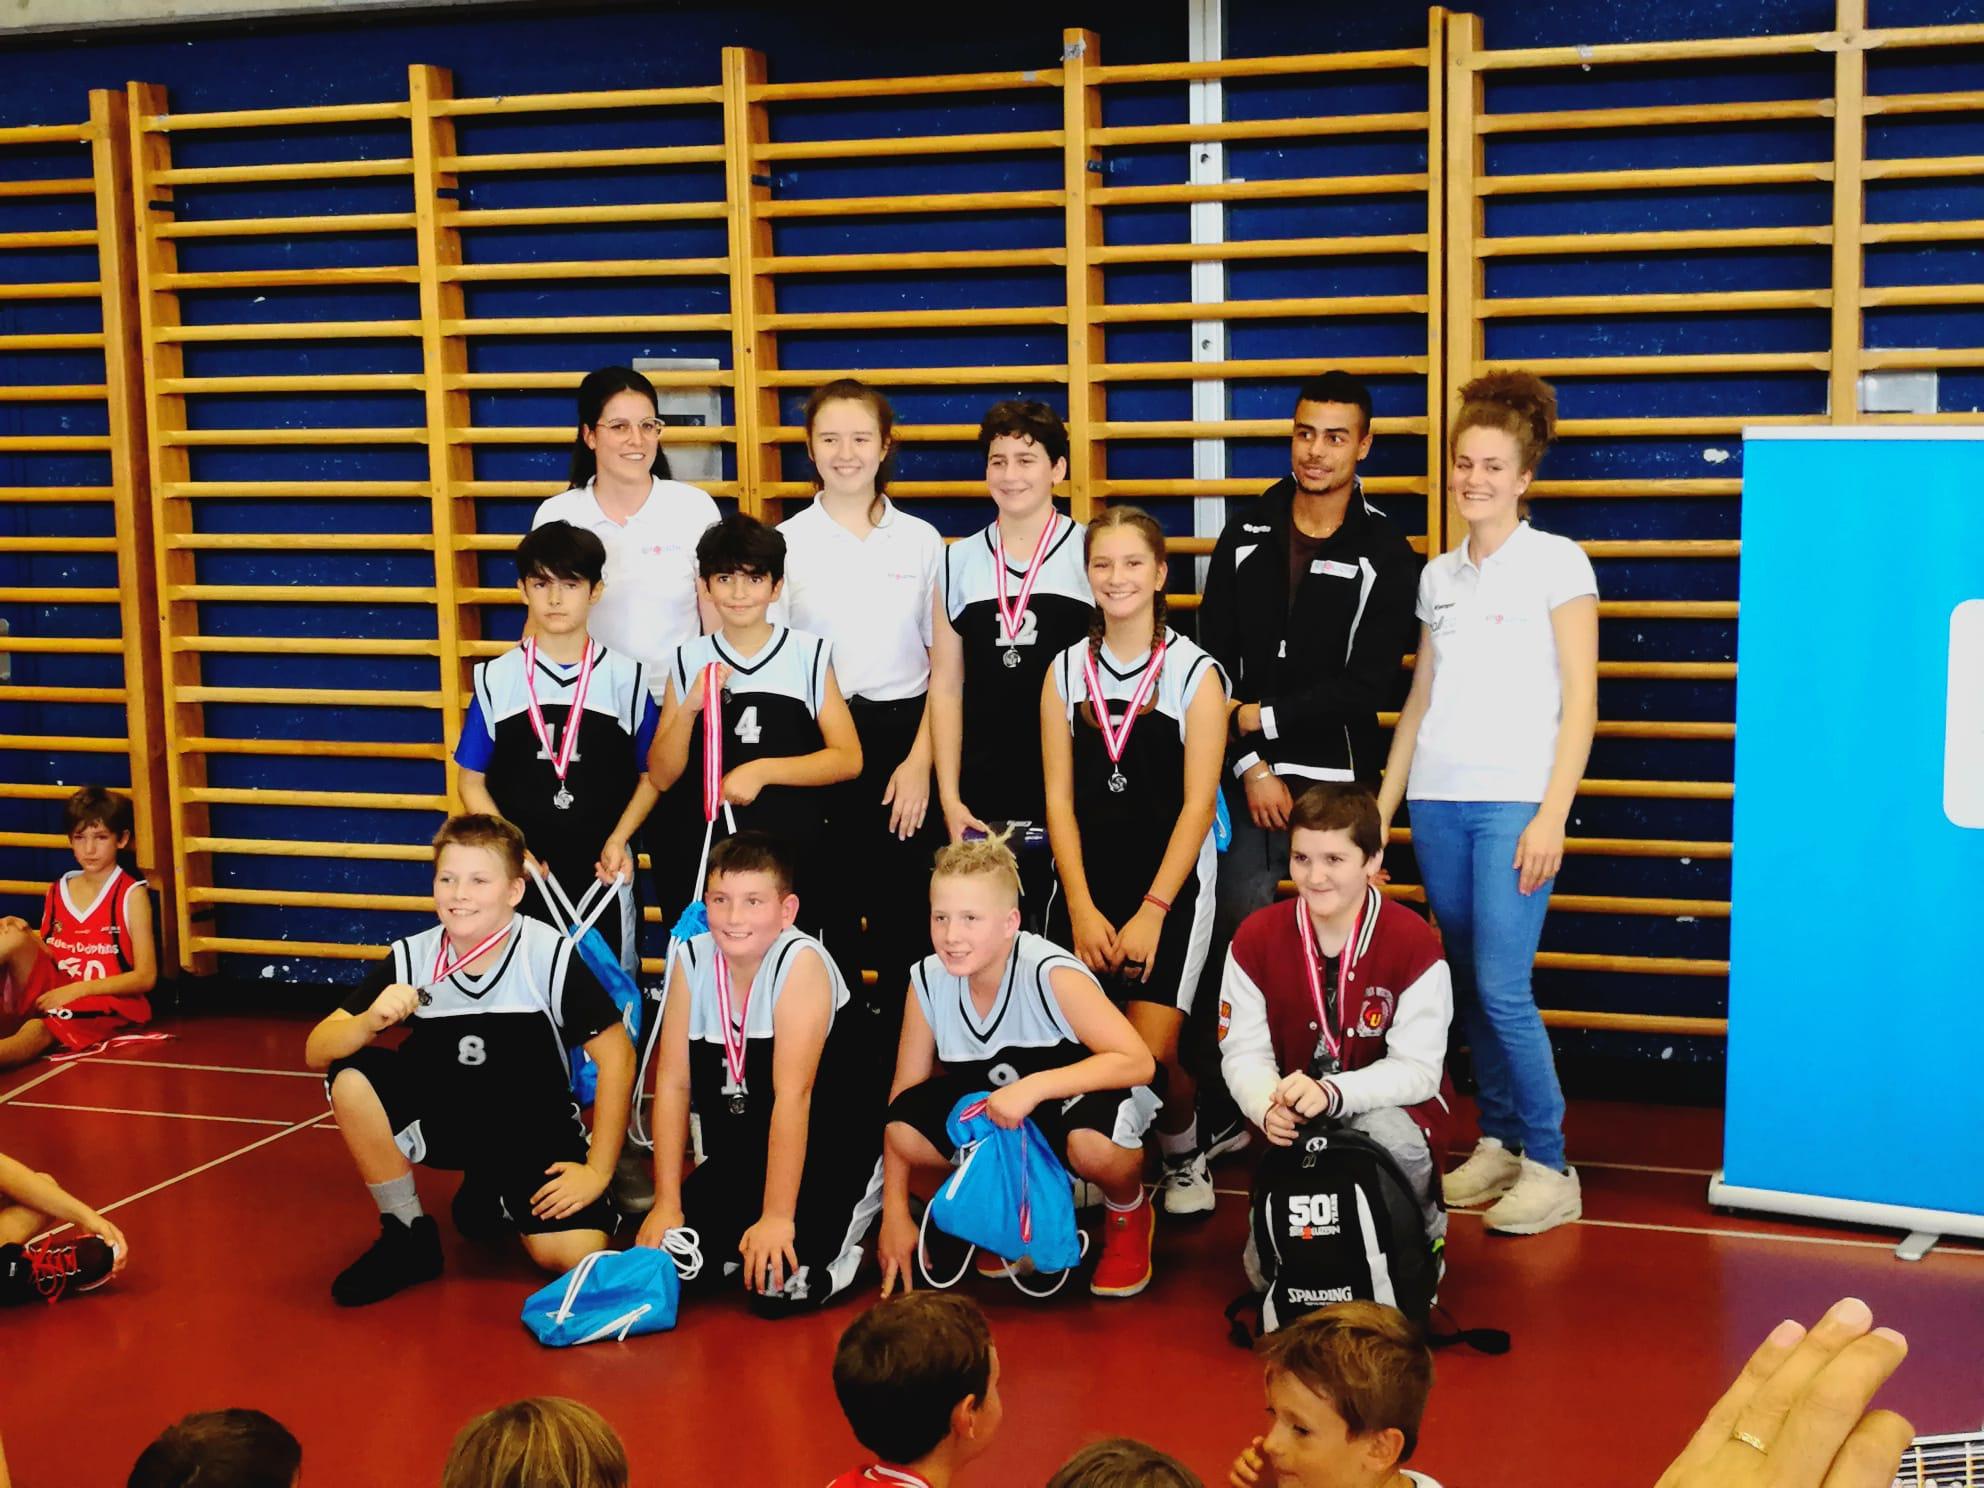 Die U13-Equipe erreichte den sehr guten 2. Platz